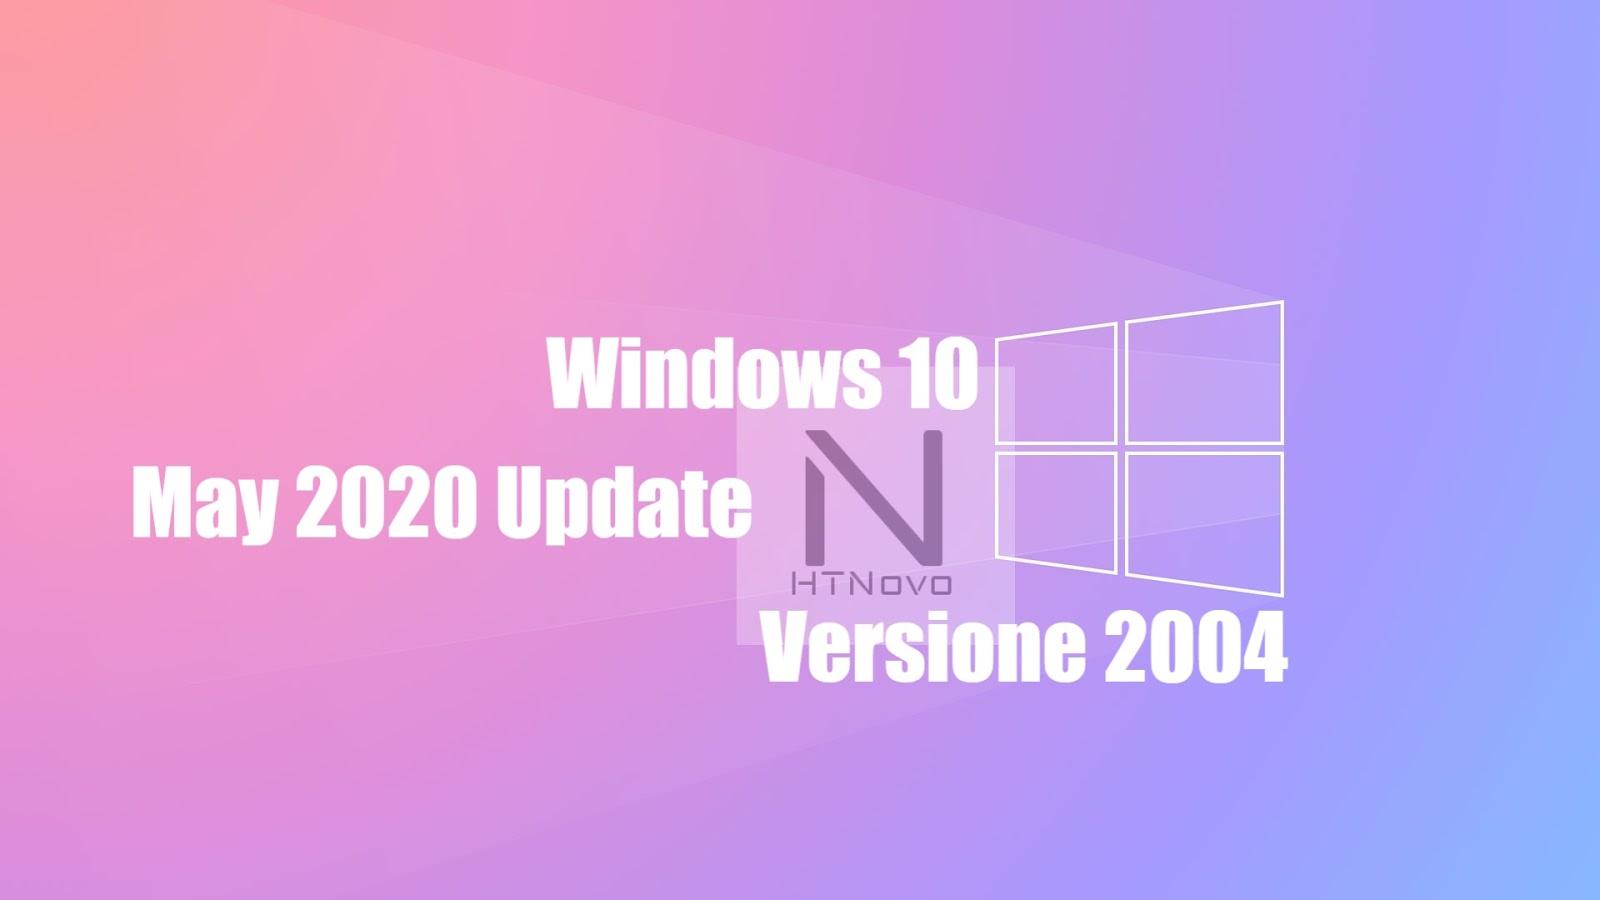 Windows 10 Versione 2004, May 2020 Update | Dettagli rilascio